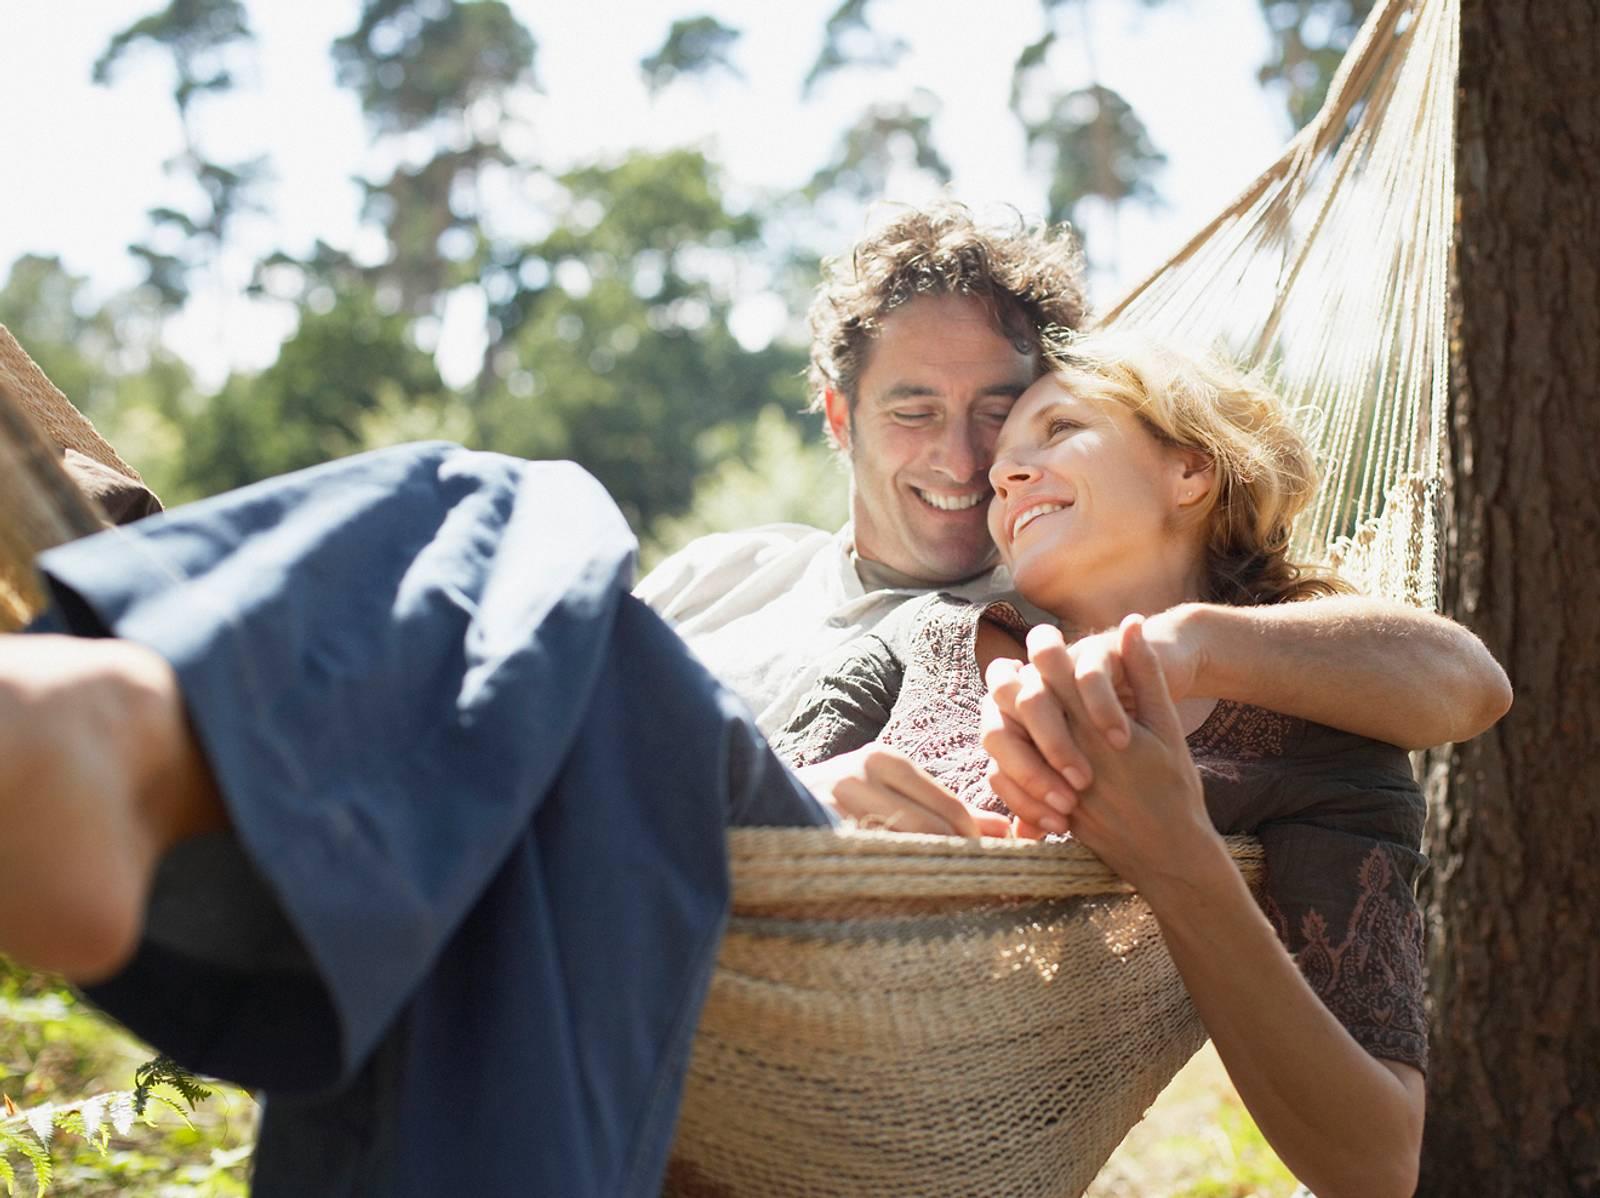 Seelenverwandtschaft erkennen: Anzeichen für Seelenpartner